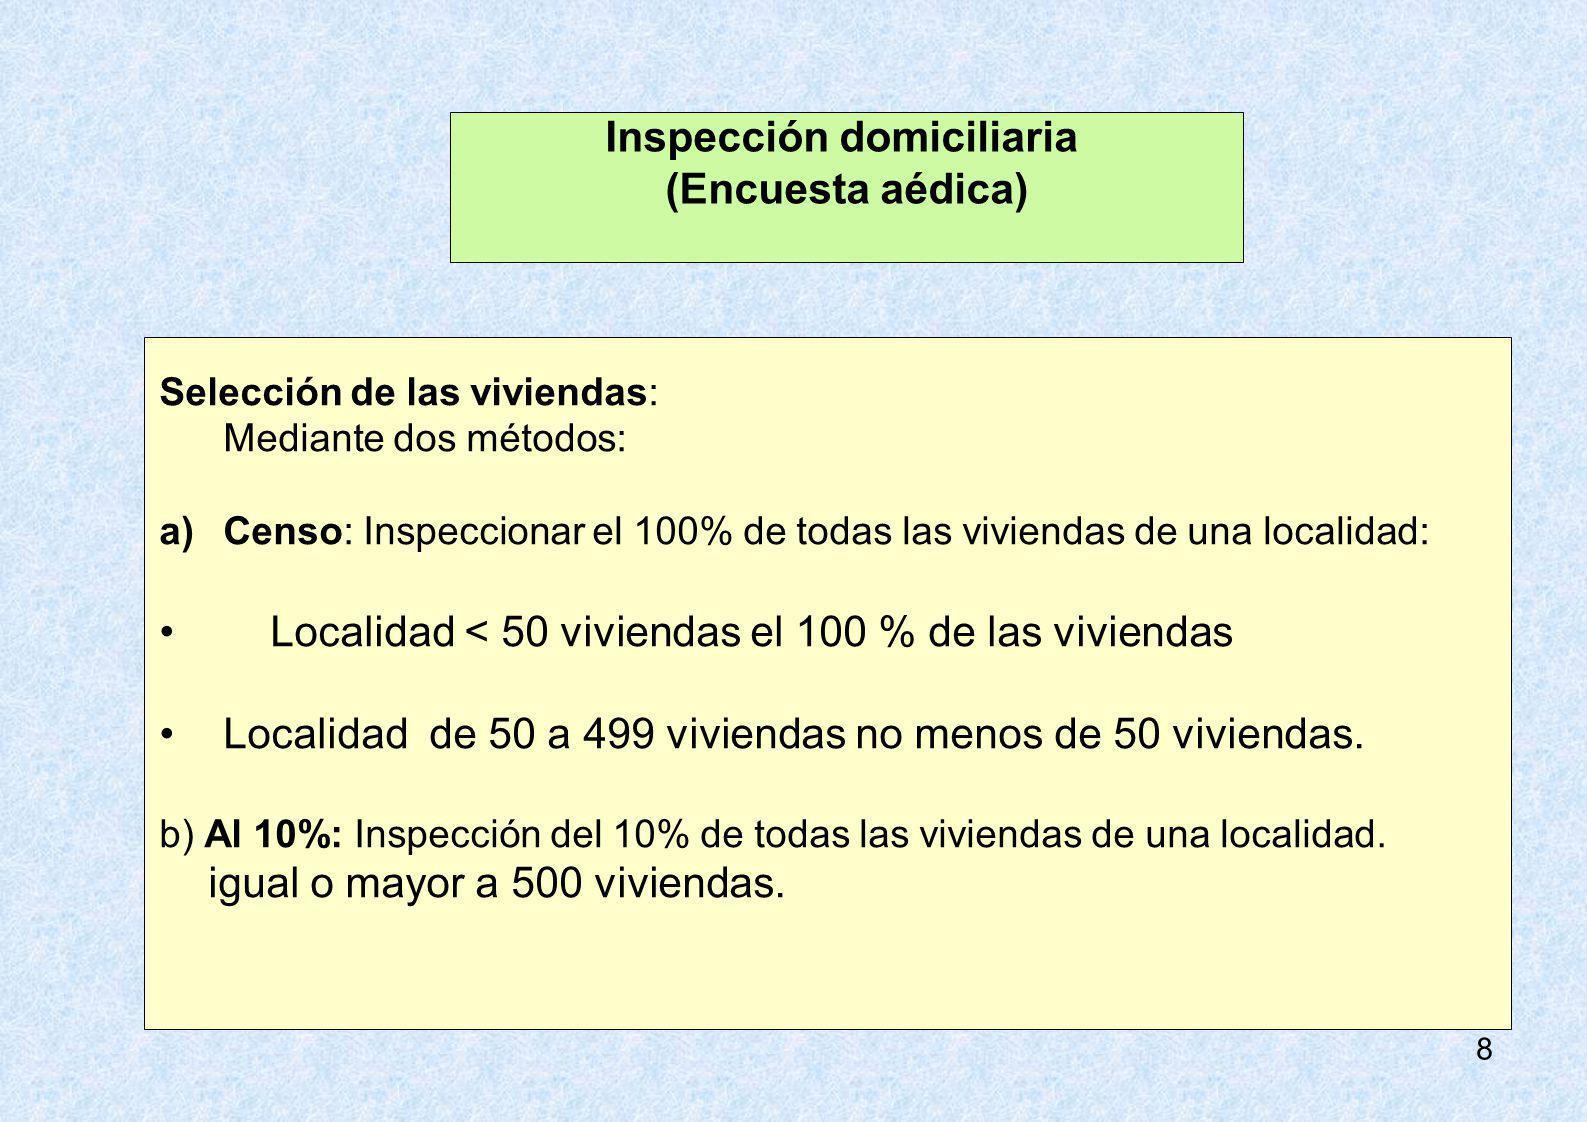 Inspección domiciliaria